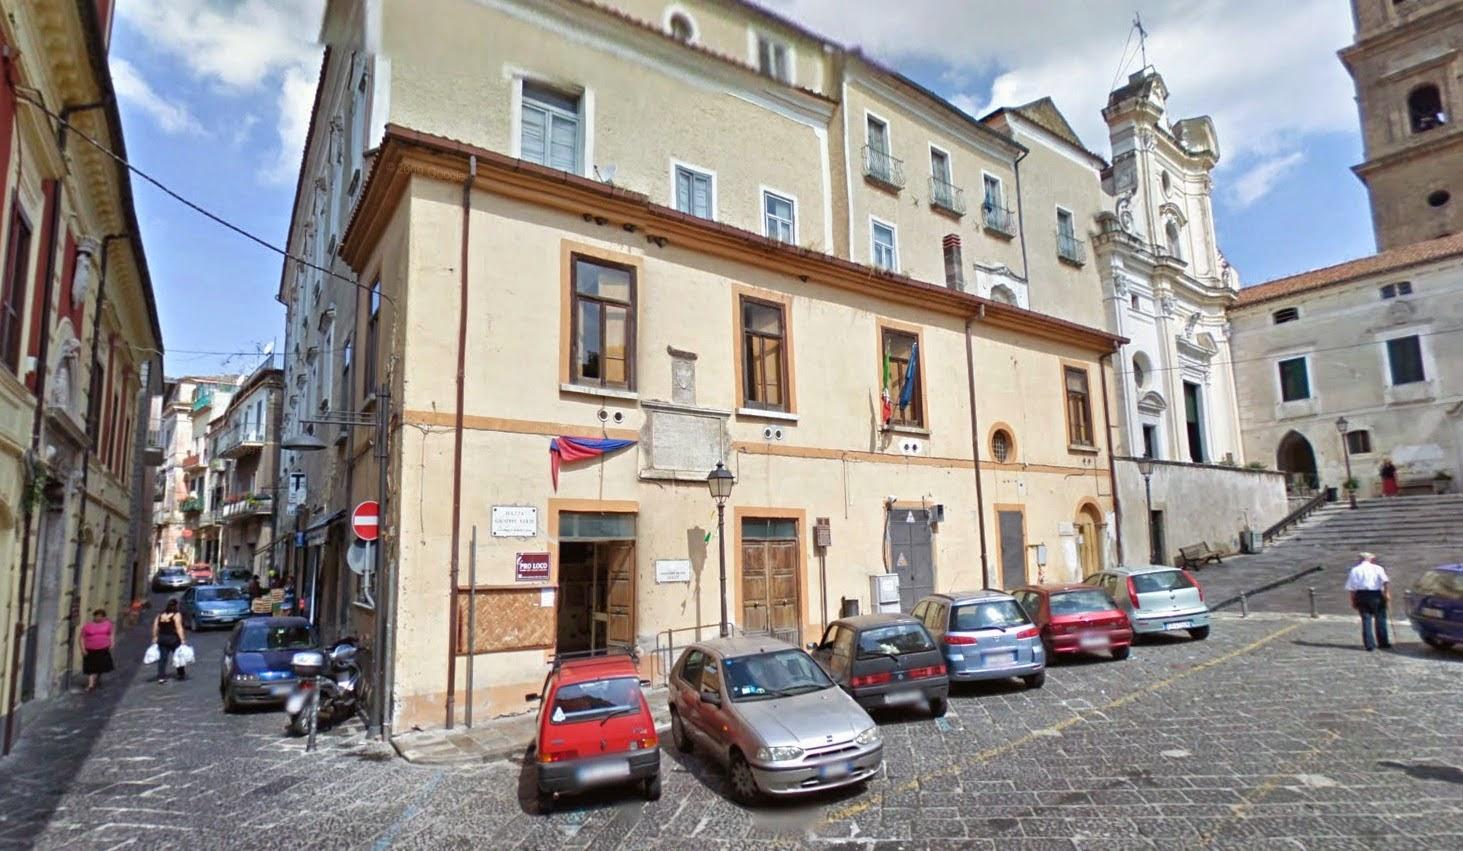 Arresti domiciliari a Caiazzo (CE) : il reato è essere una persona disabile